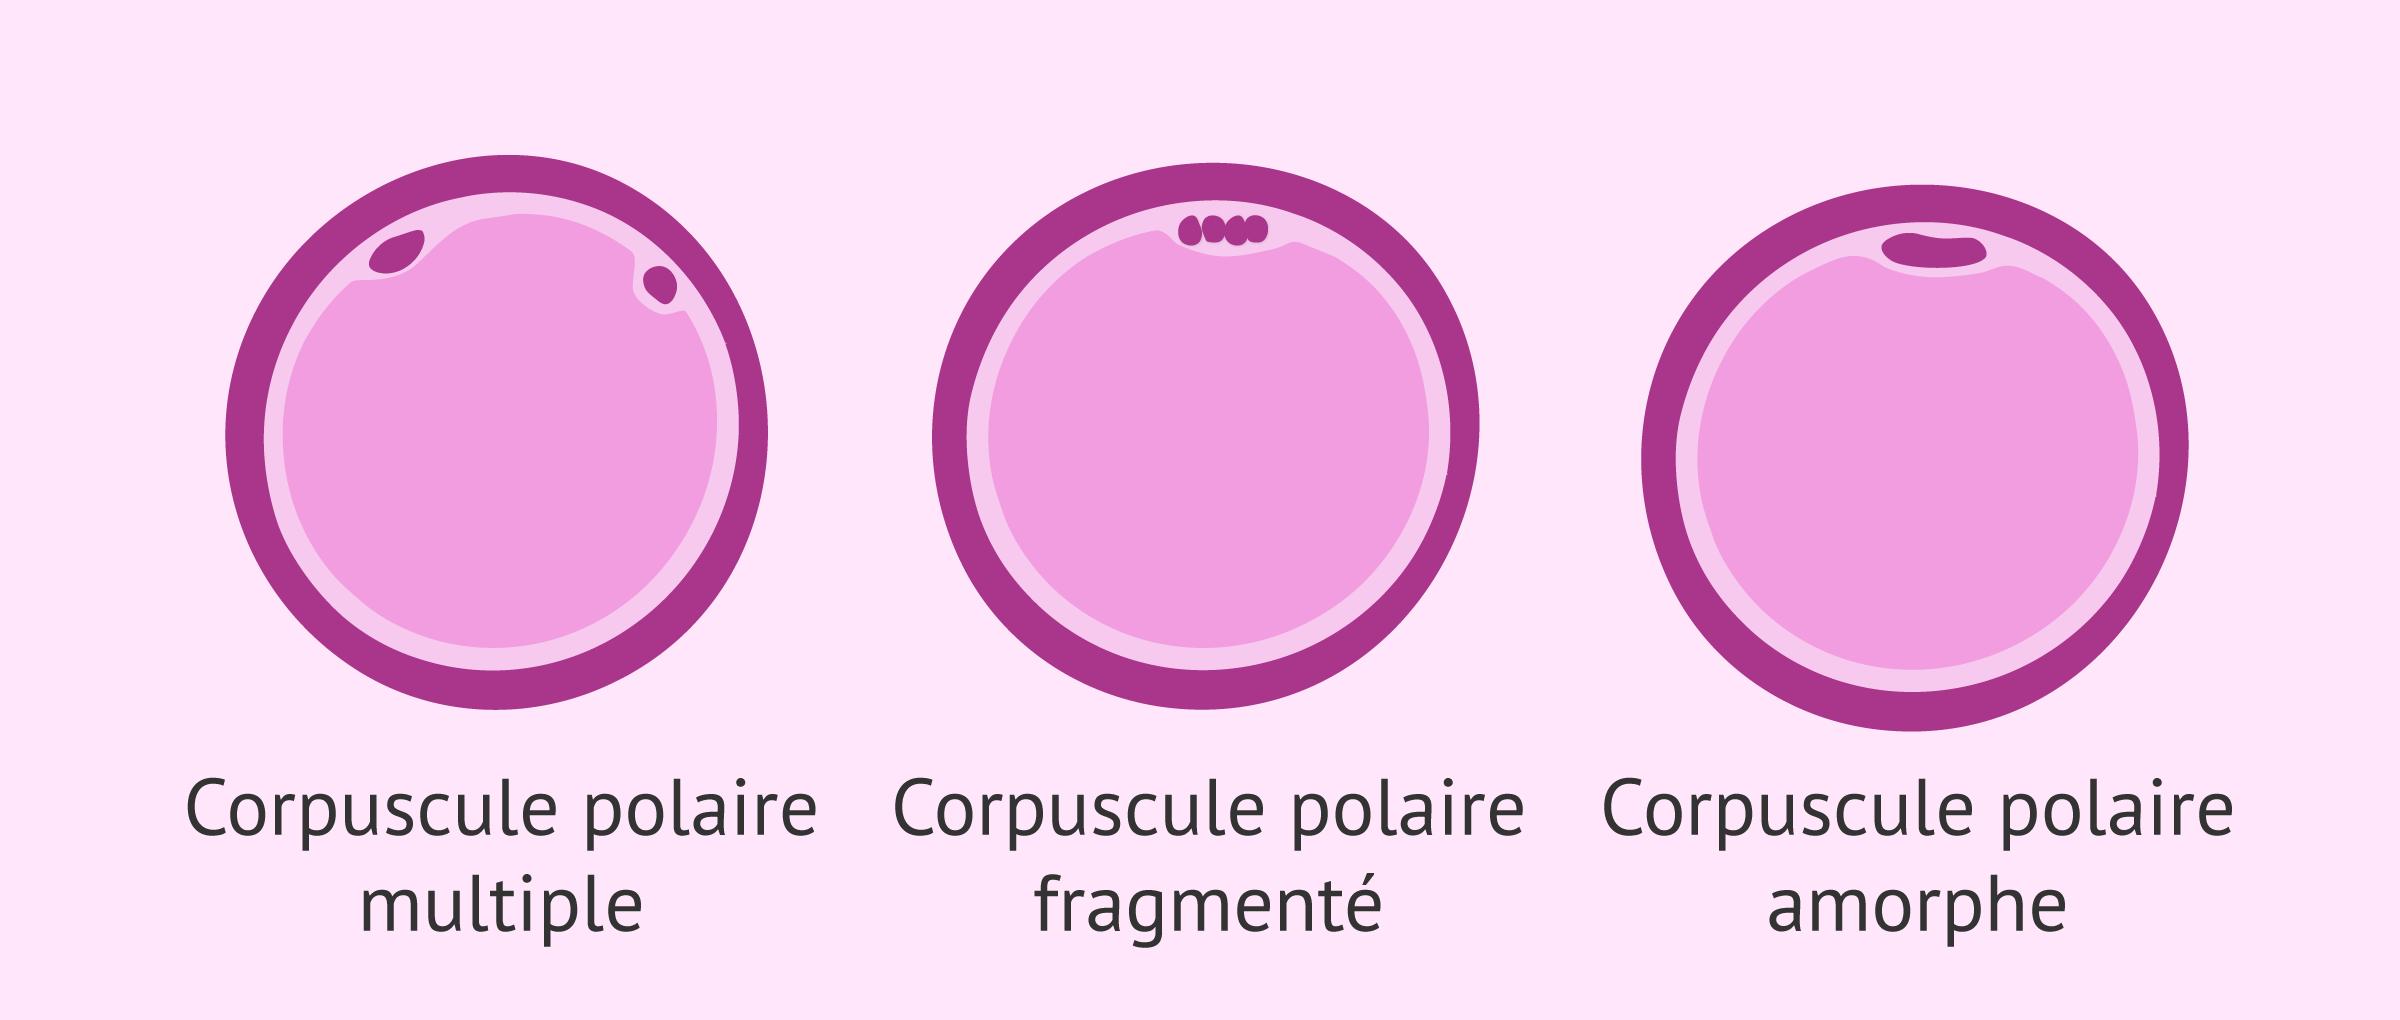 Altérations du corpuscule polaire dans les ovocytes